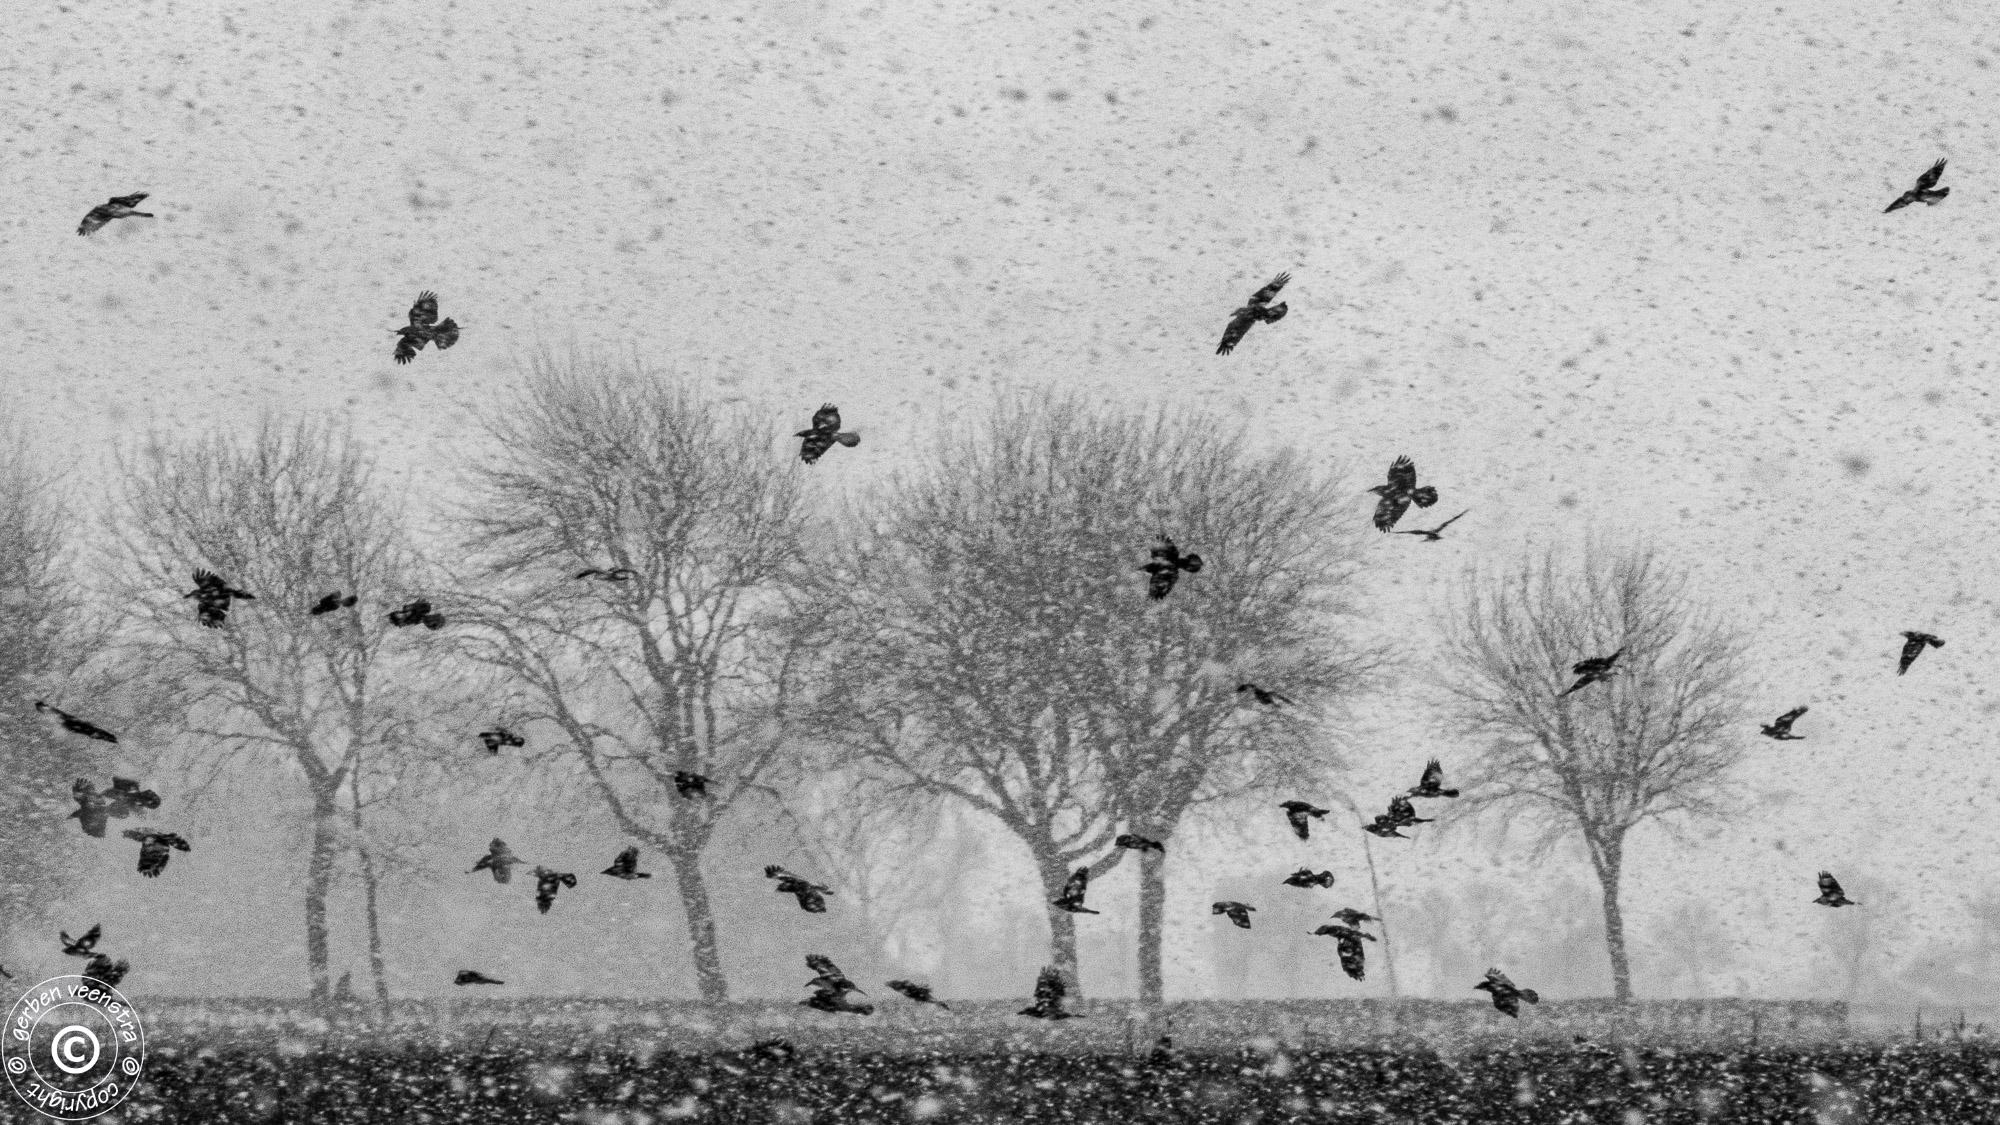 Kraaien in sneeuwbui